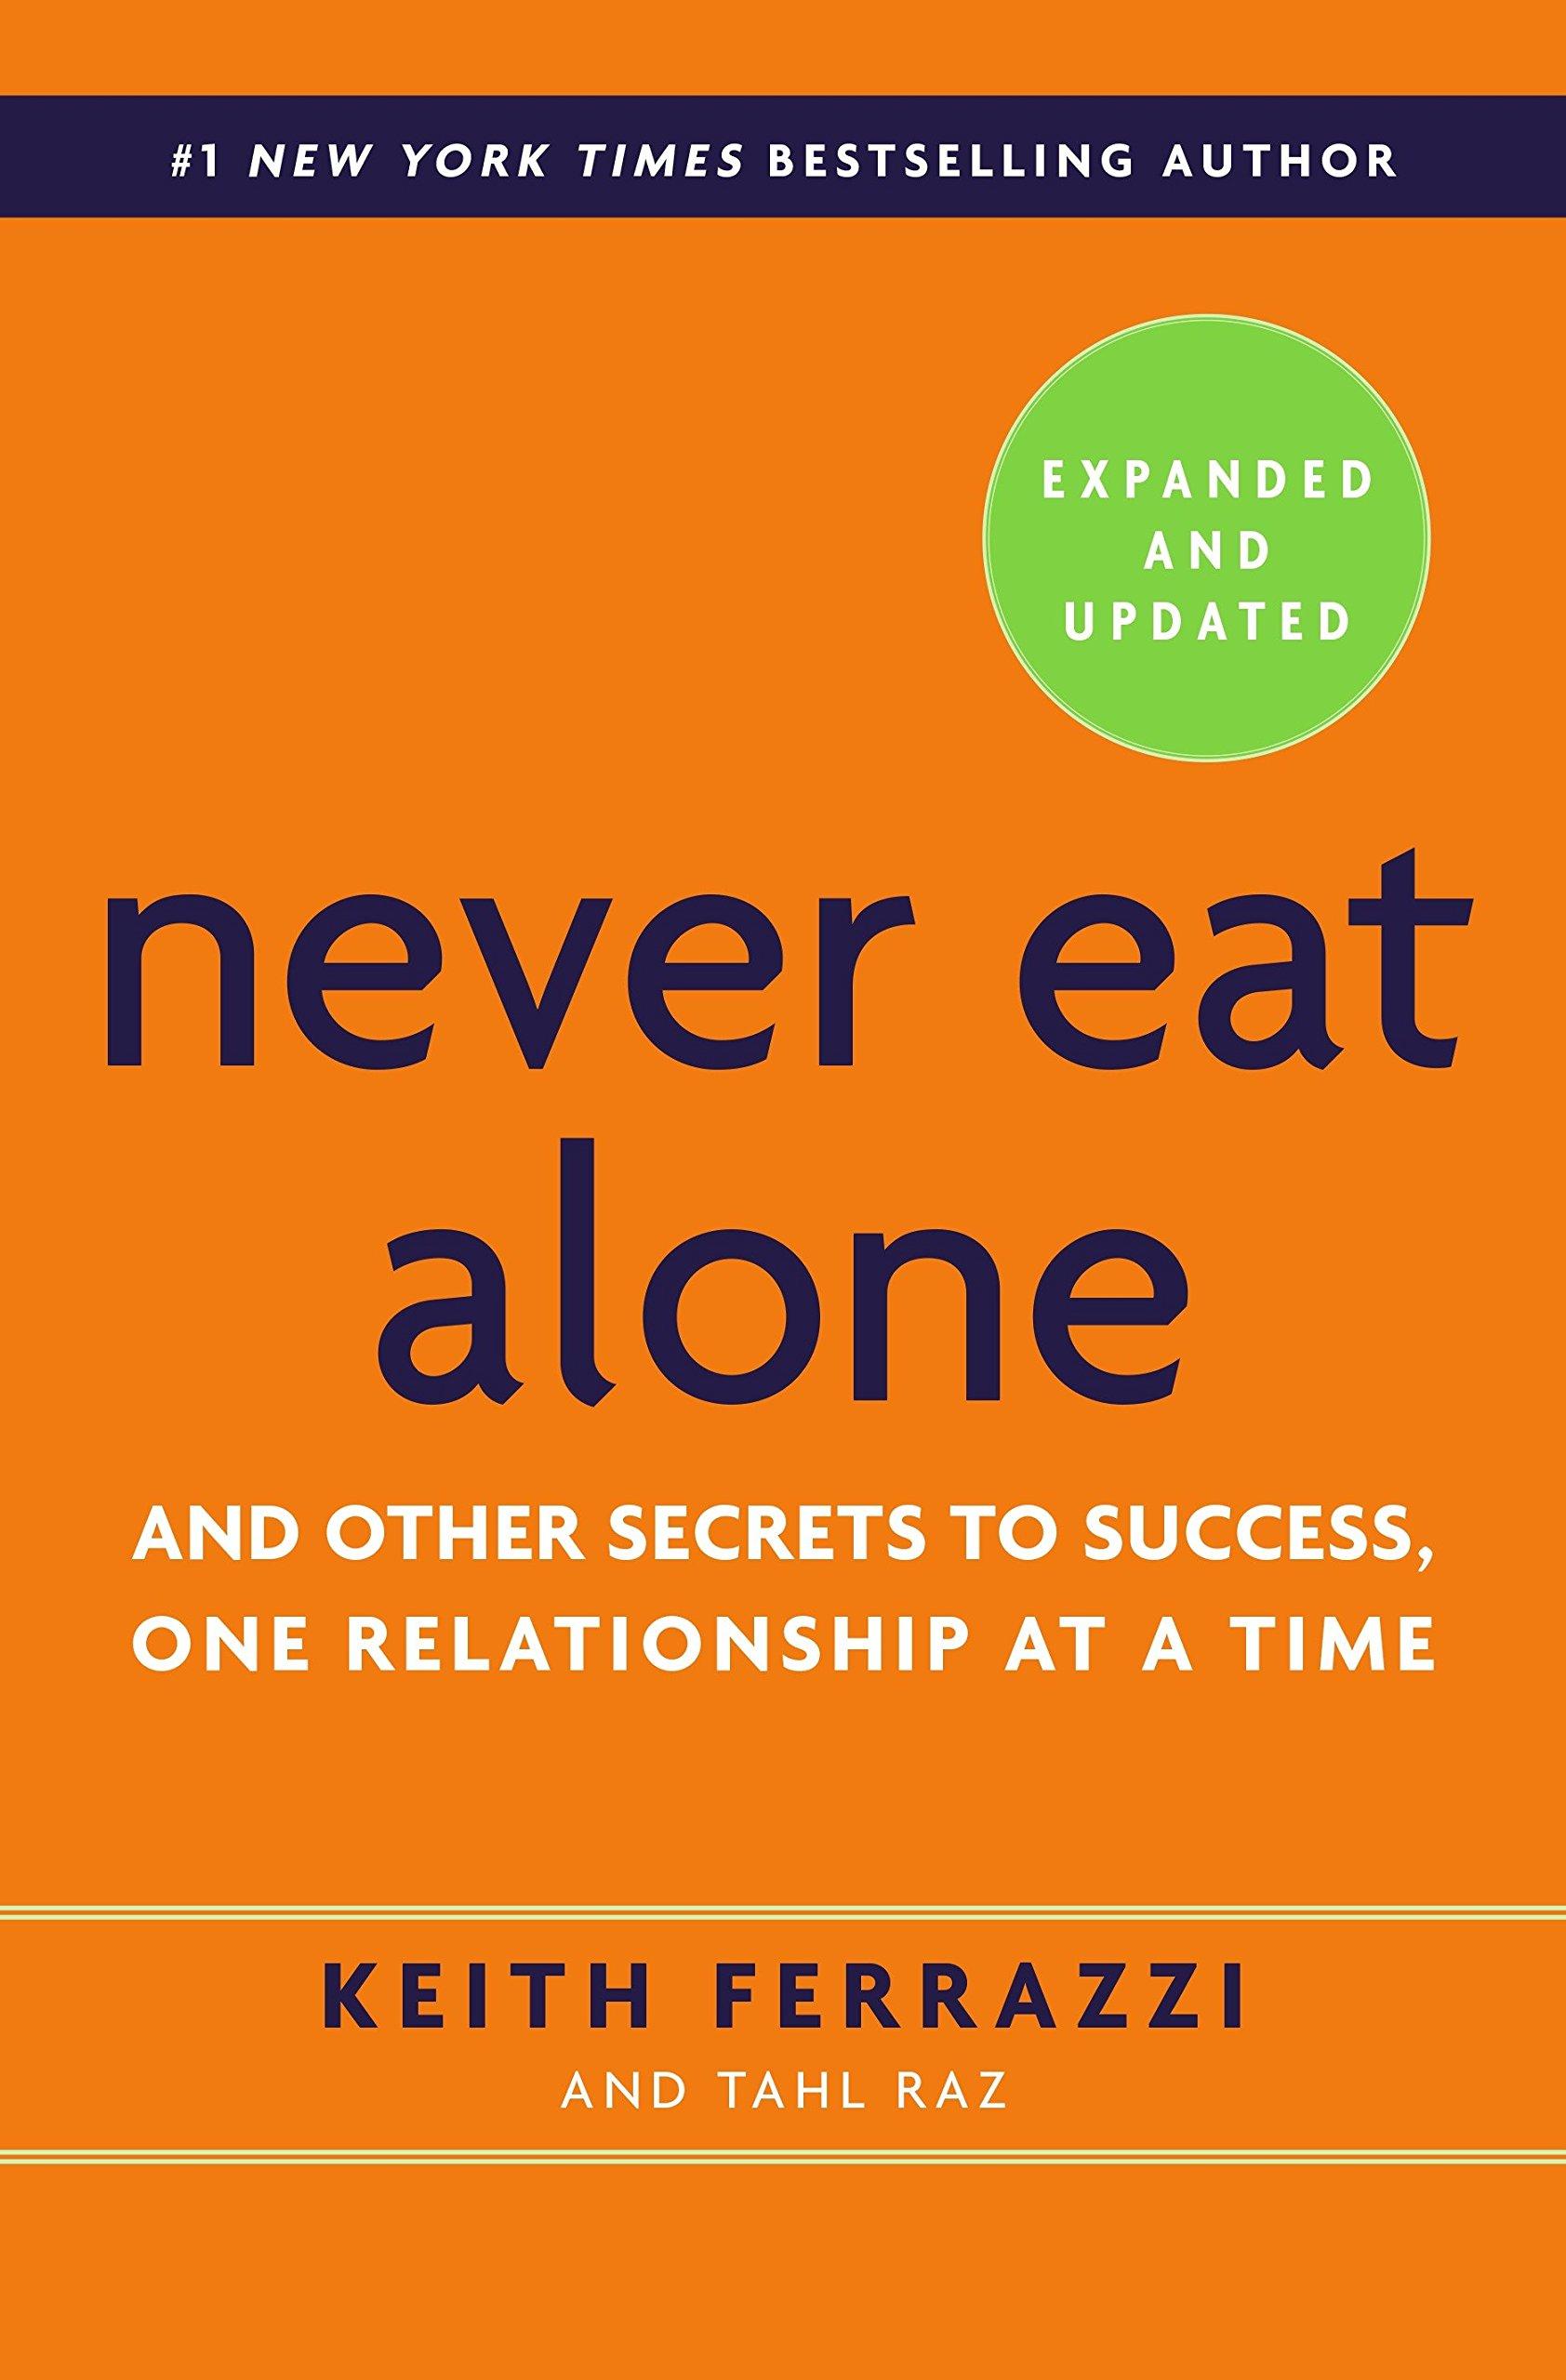 never eat alone.jpg